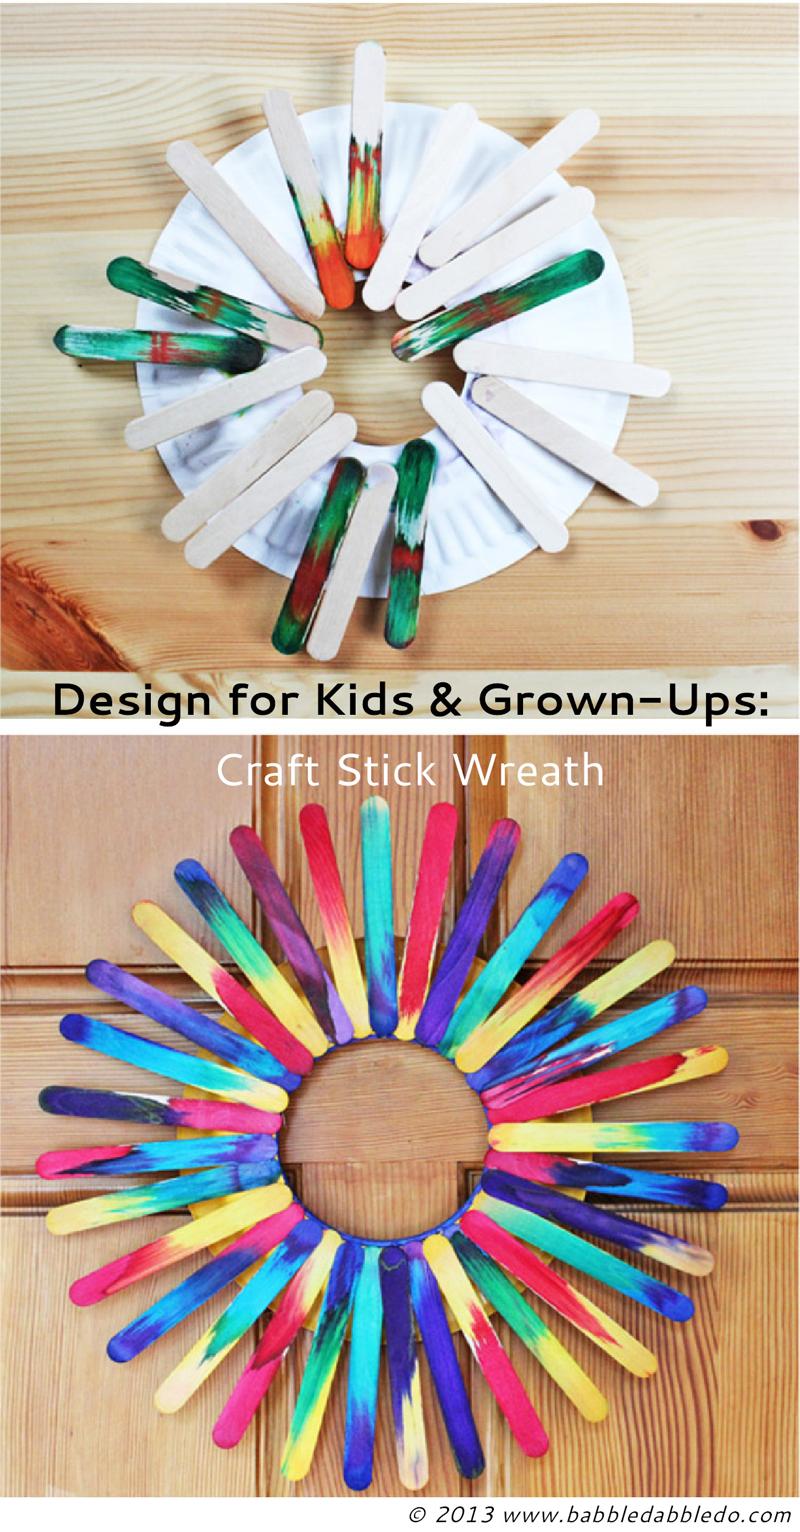 Round wooden sticks for crafts - Craft Stick Wreath